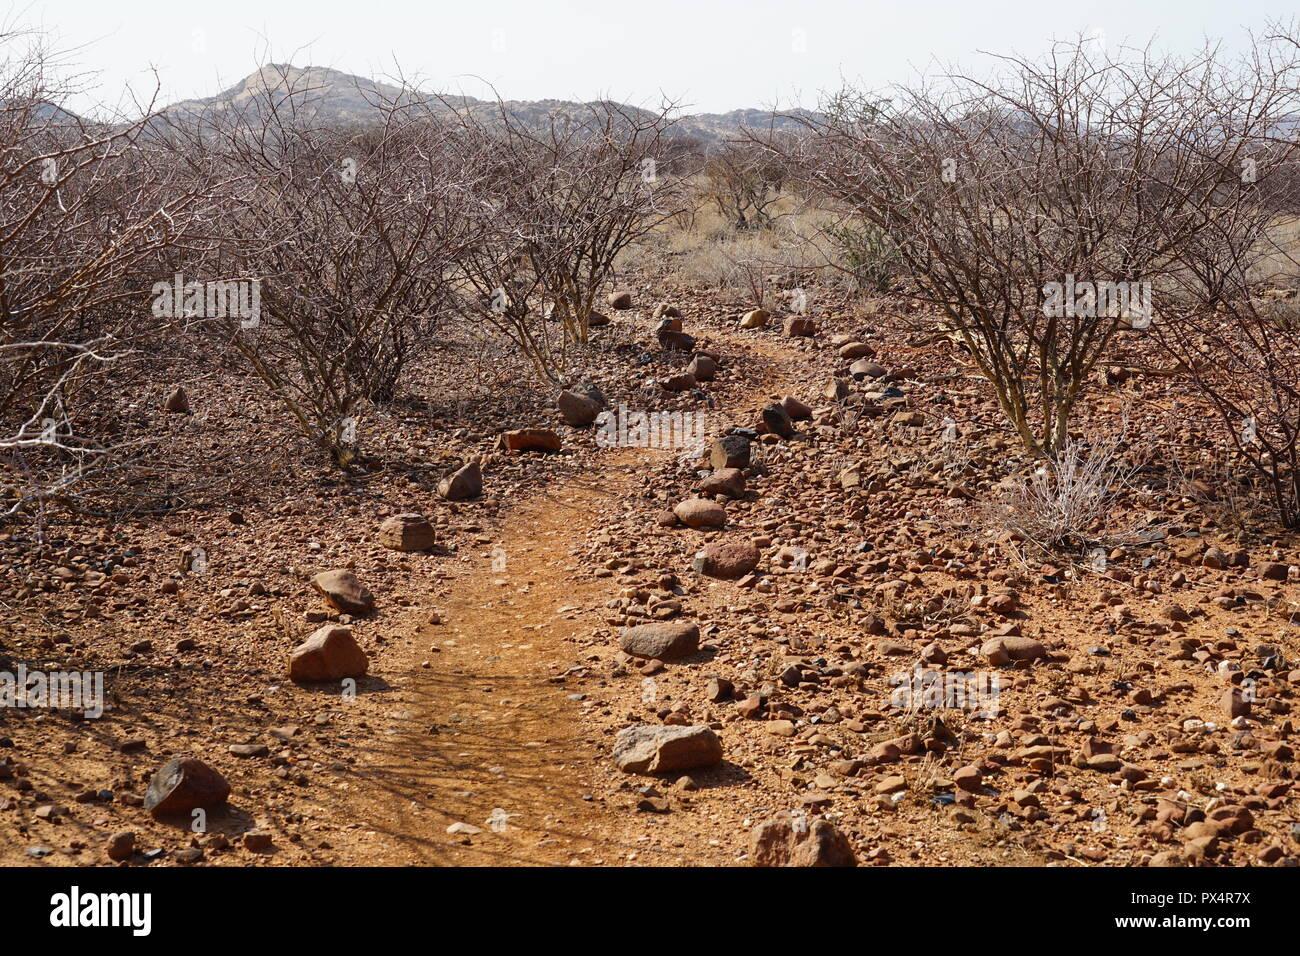 Weg zu Phillips Cave, Ameib Farm,  Erongogebirge, Namibia, Afrika Stock Photo